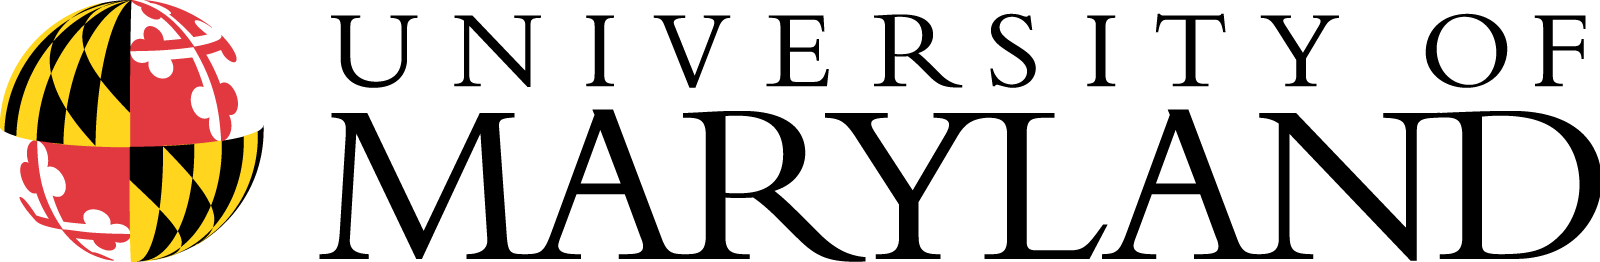 University-of-Maryland-Logo-Transparent